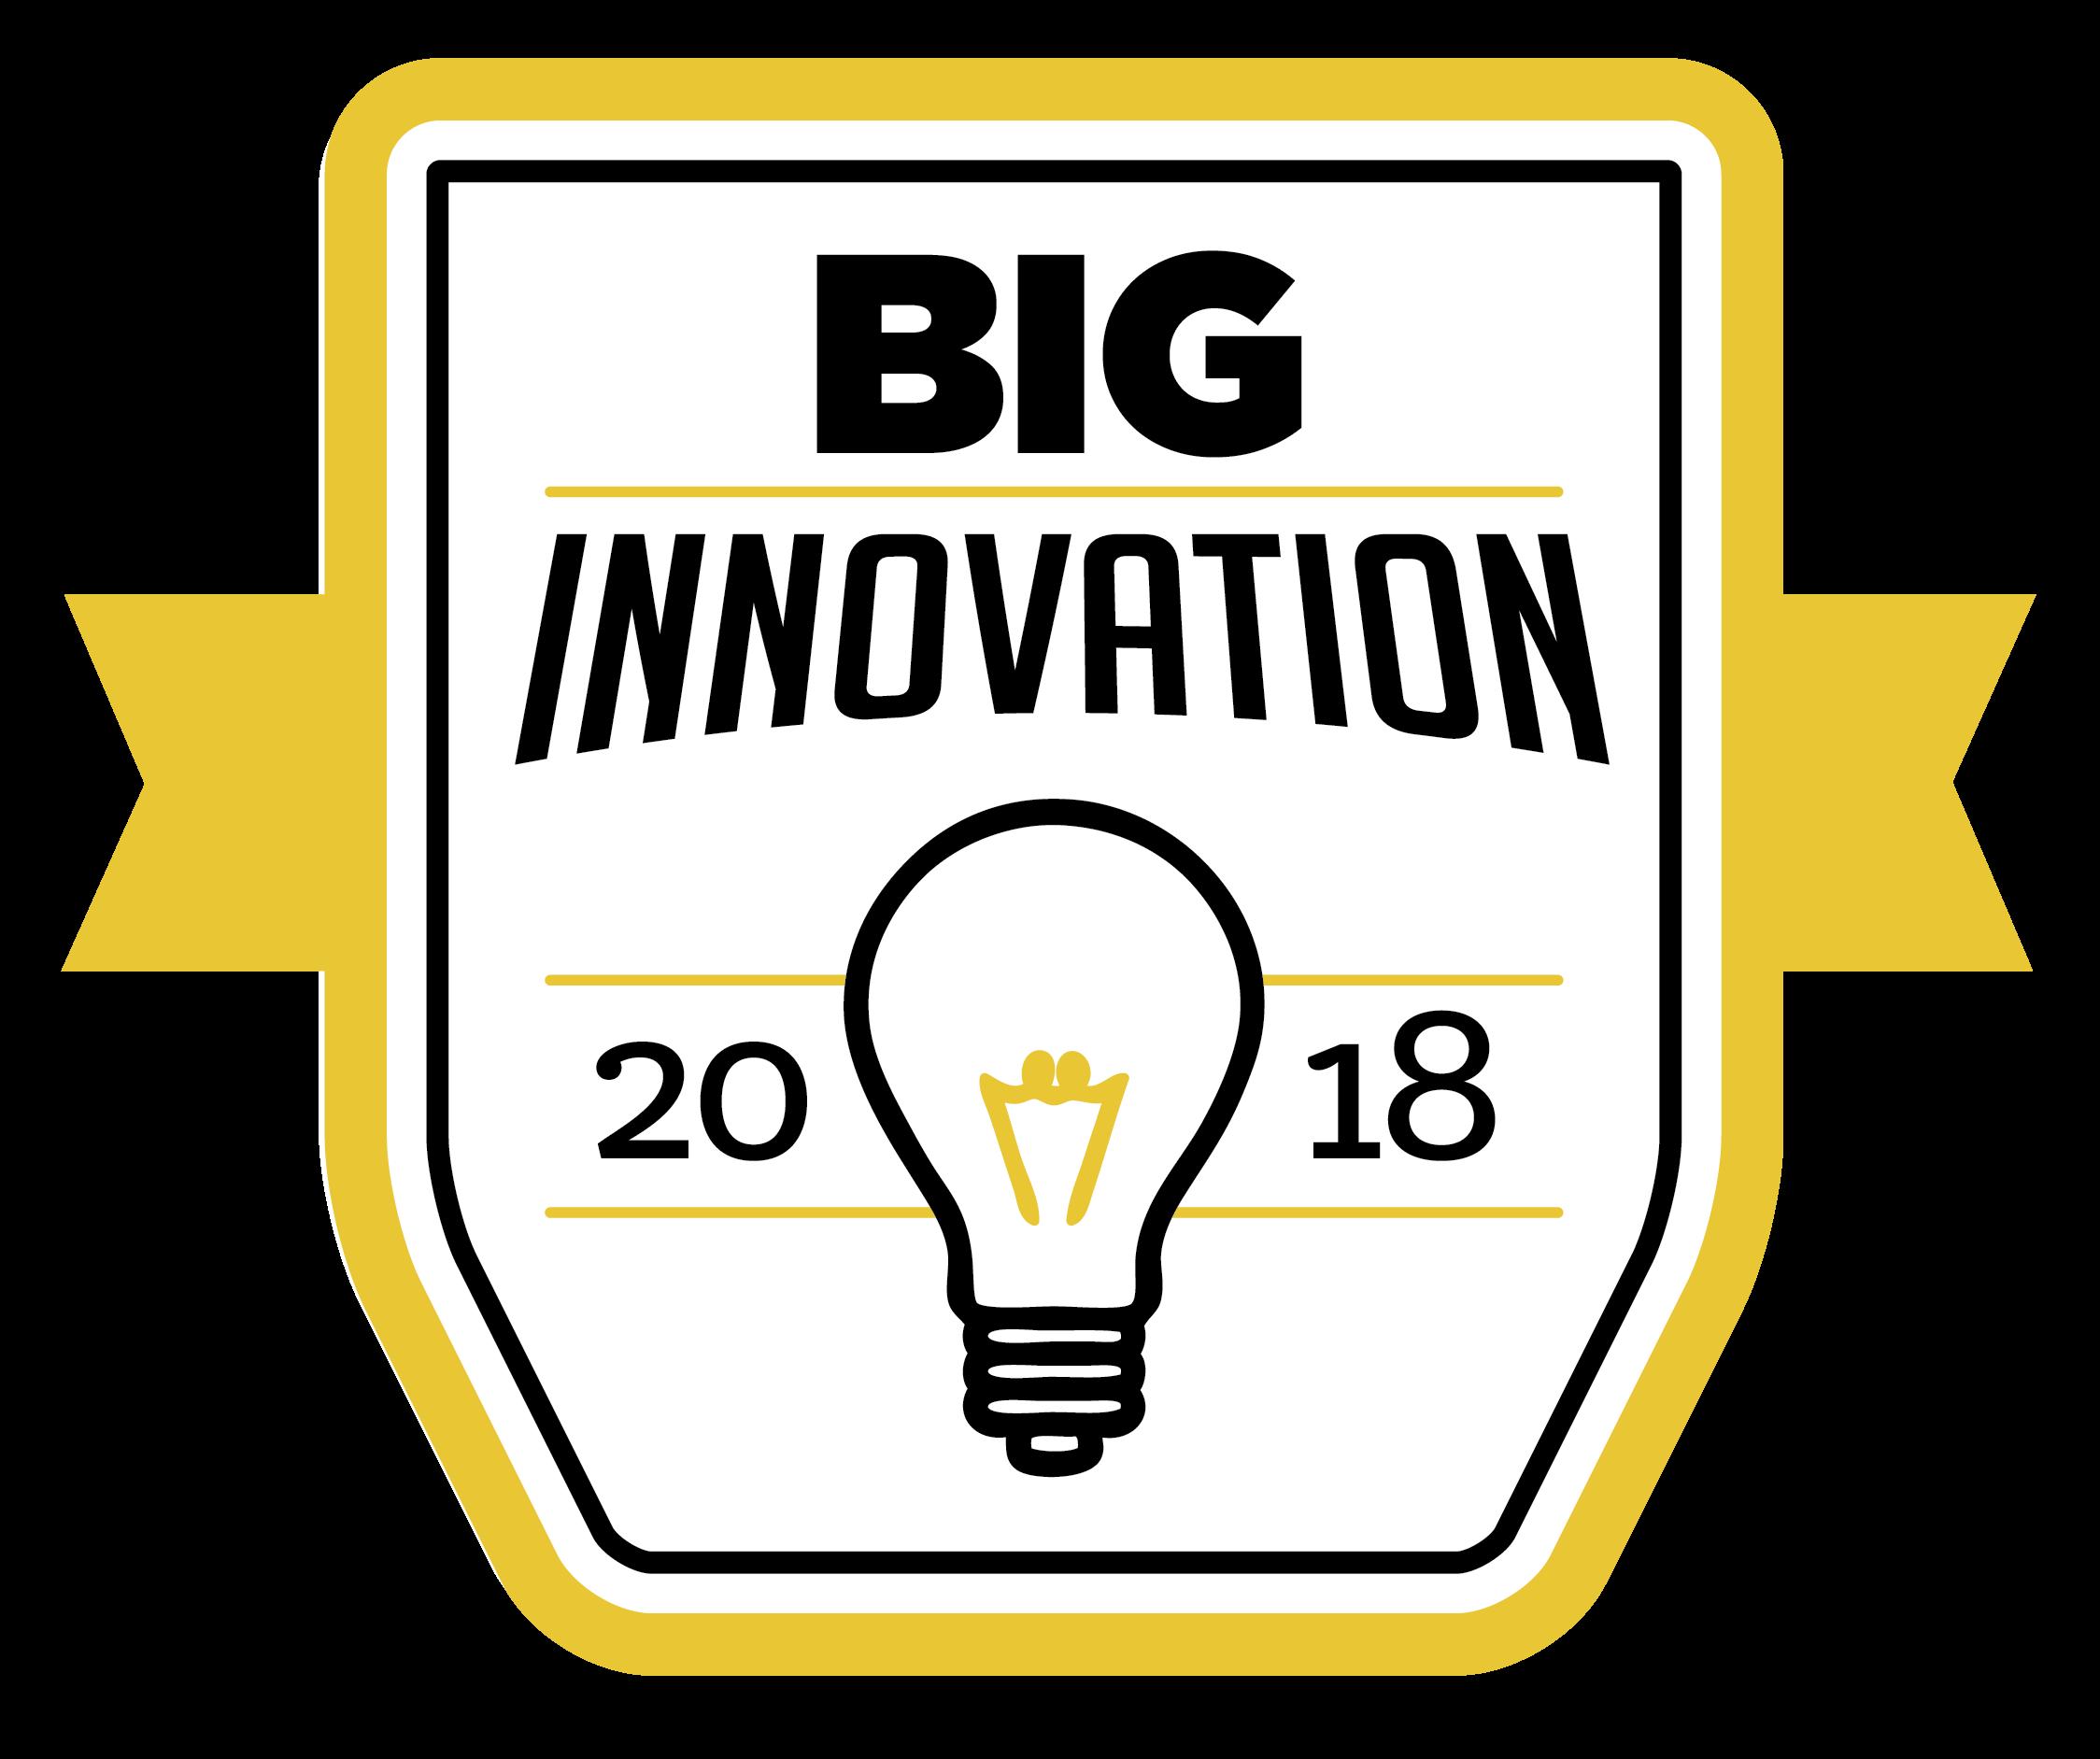 BIG Innovation Award 2018